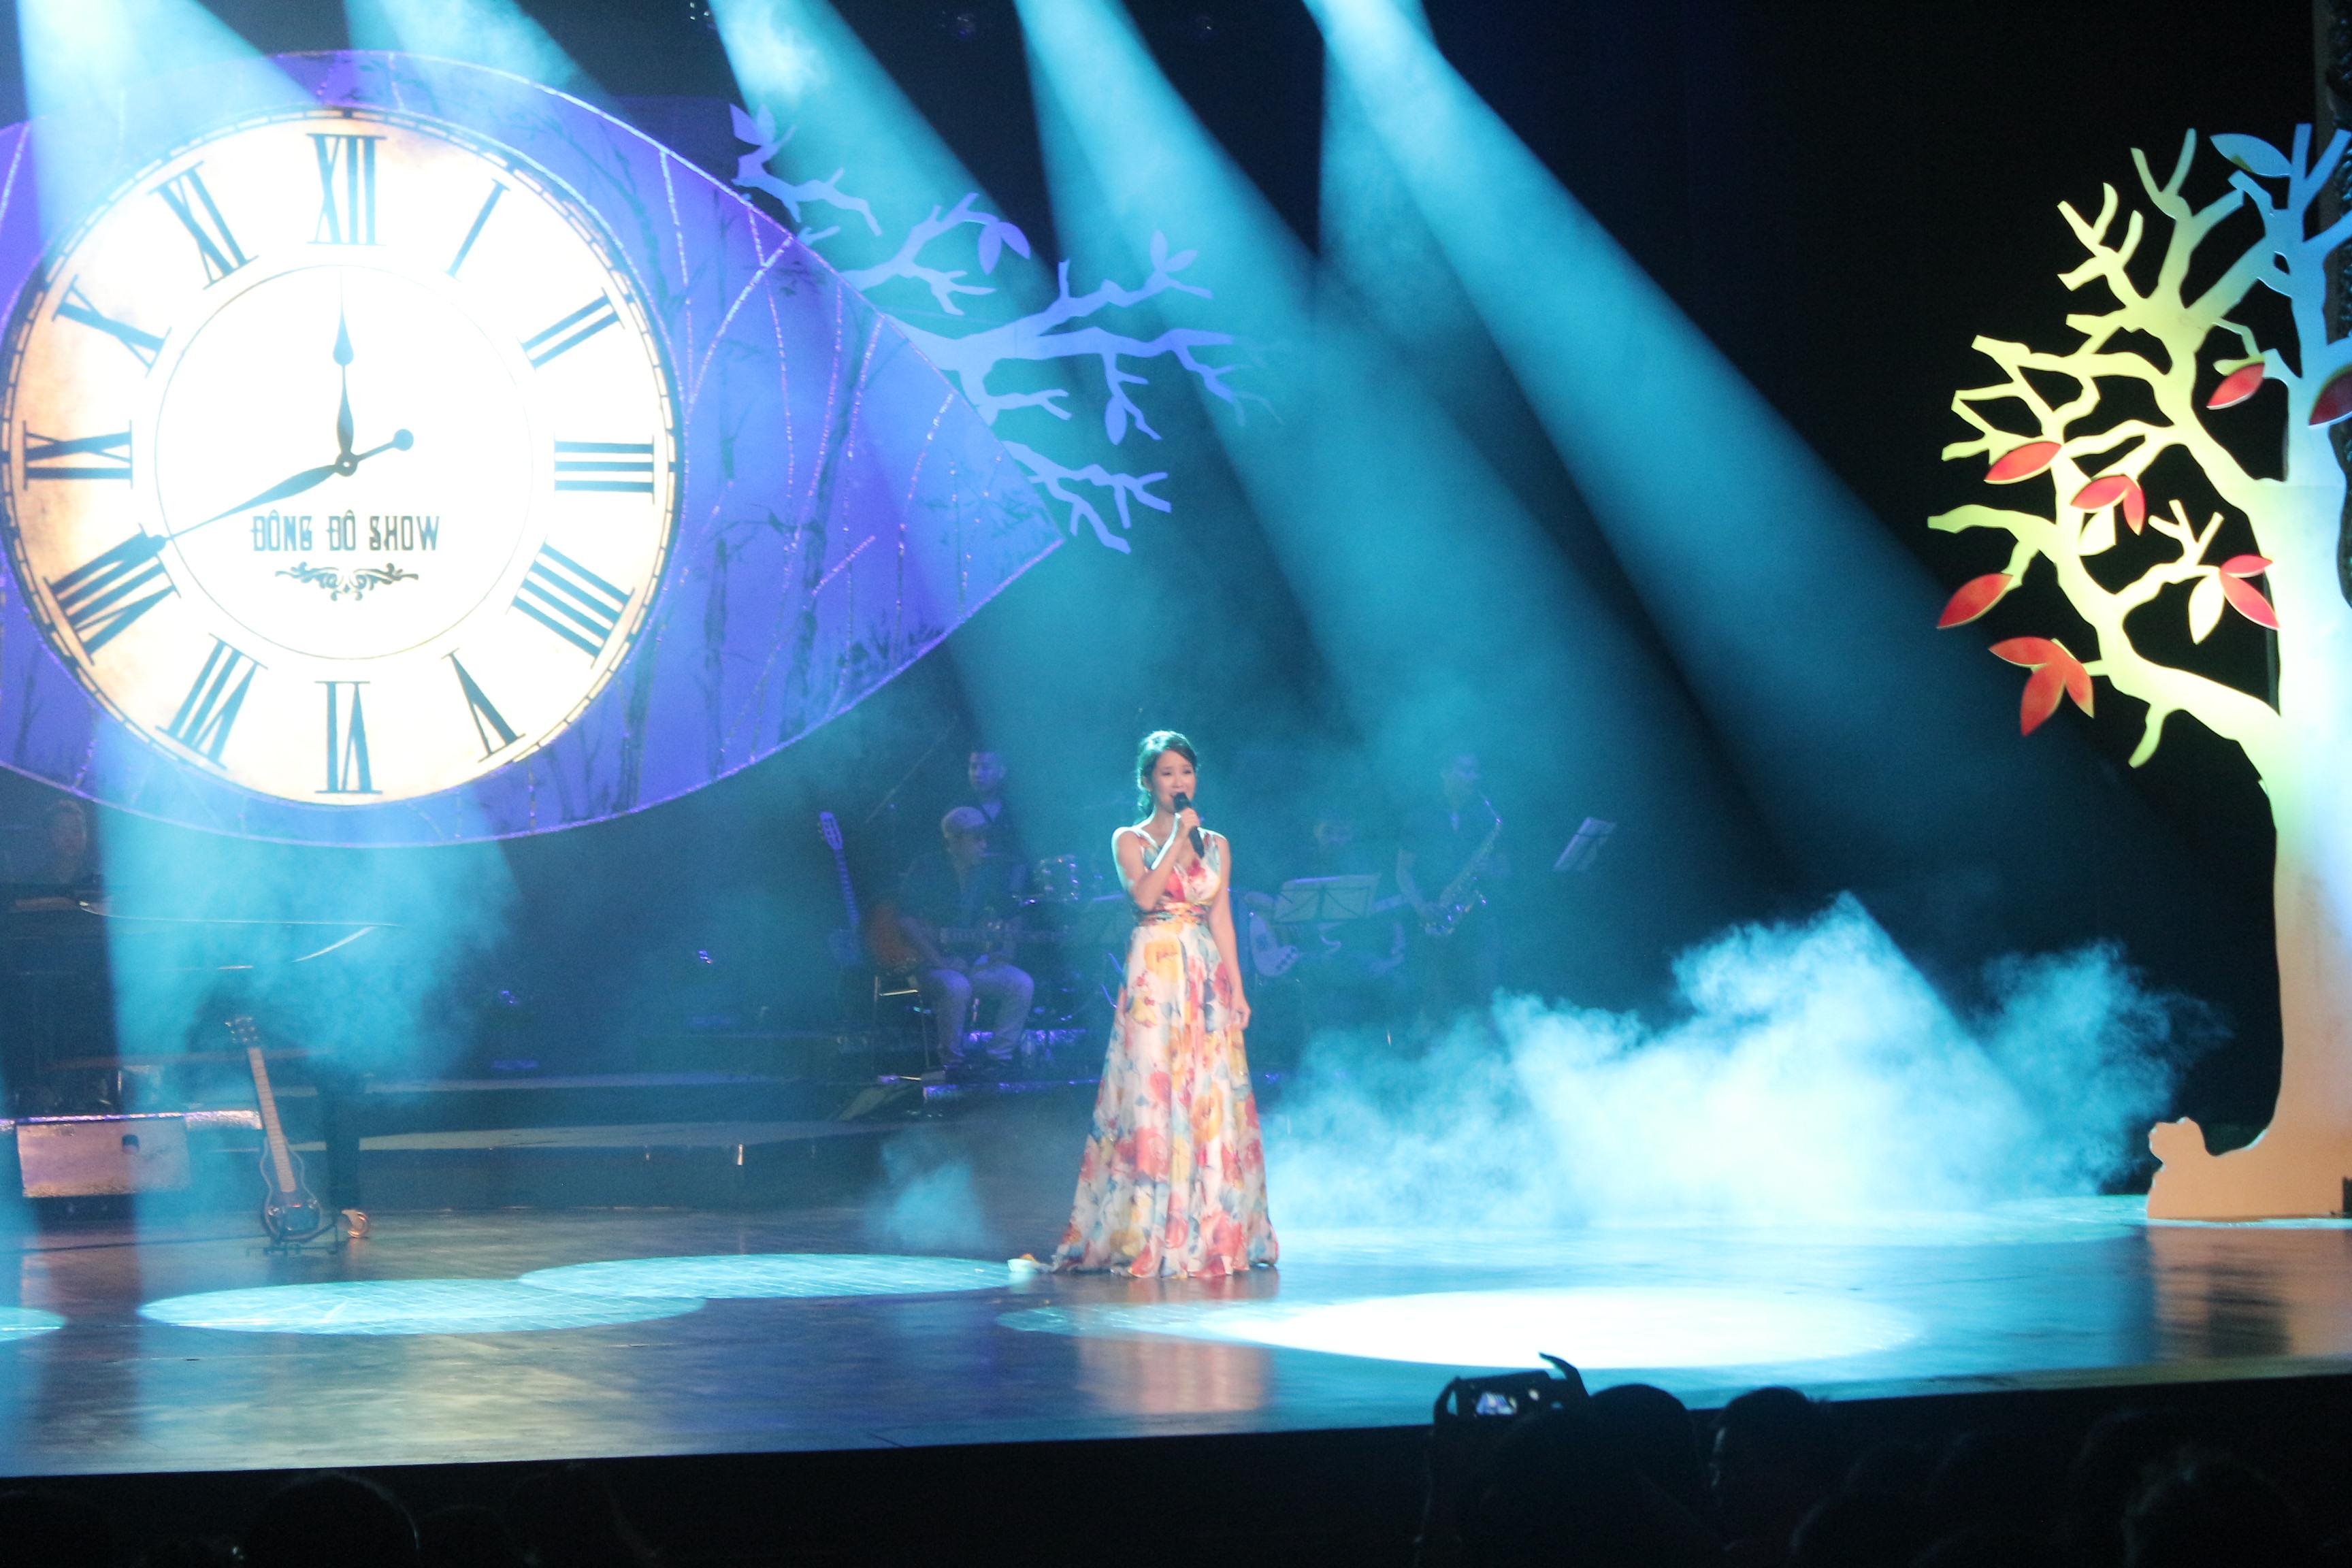 Mỹ Tâm gợi cảm với váy xẻ, Hồng Nhung trẻ như thiếu nữ trong đêm nhạc Trịnh 4